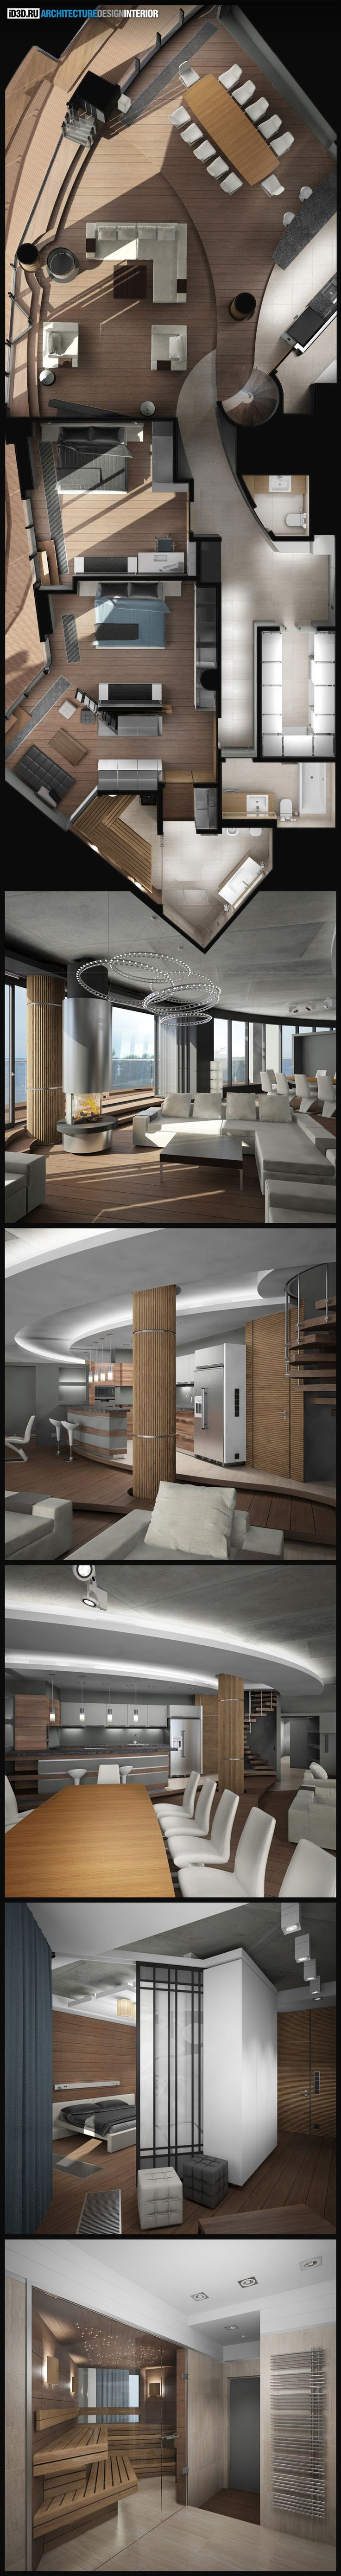 интерьер жилых апартаментов, современный стиль, бетонный потолок, камин Fugar Diora, светильники slv, quasar, стол draenert, стулья rolf benz